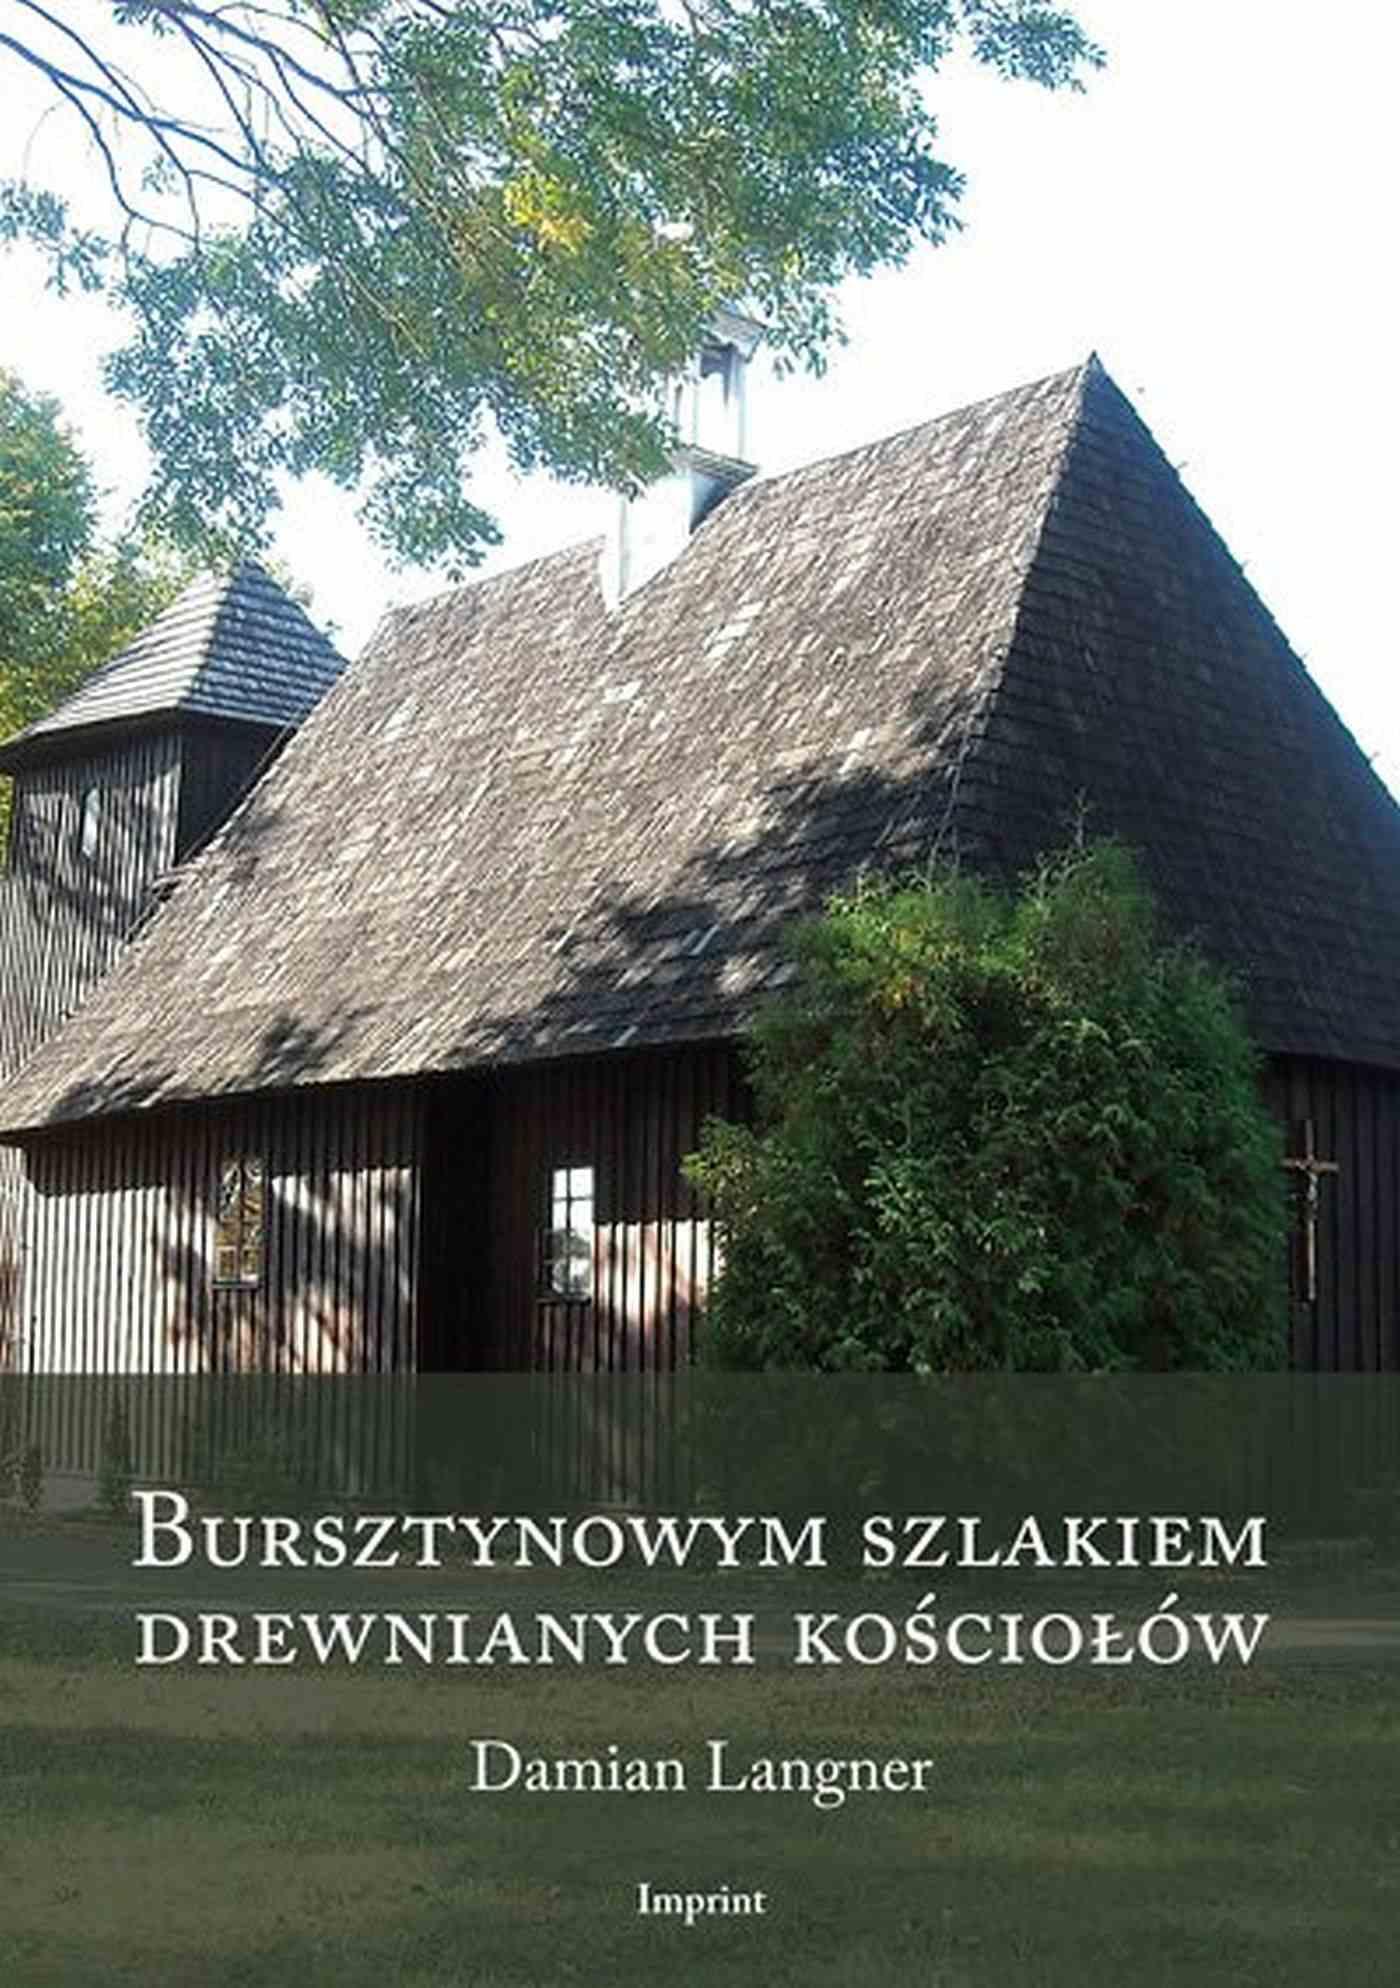 Bursztynowym szlakiem drewnianych kościołów - Ebook (Książka EPUB) do pobrania w formacie EPUB